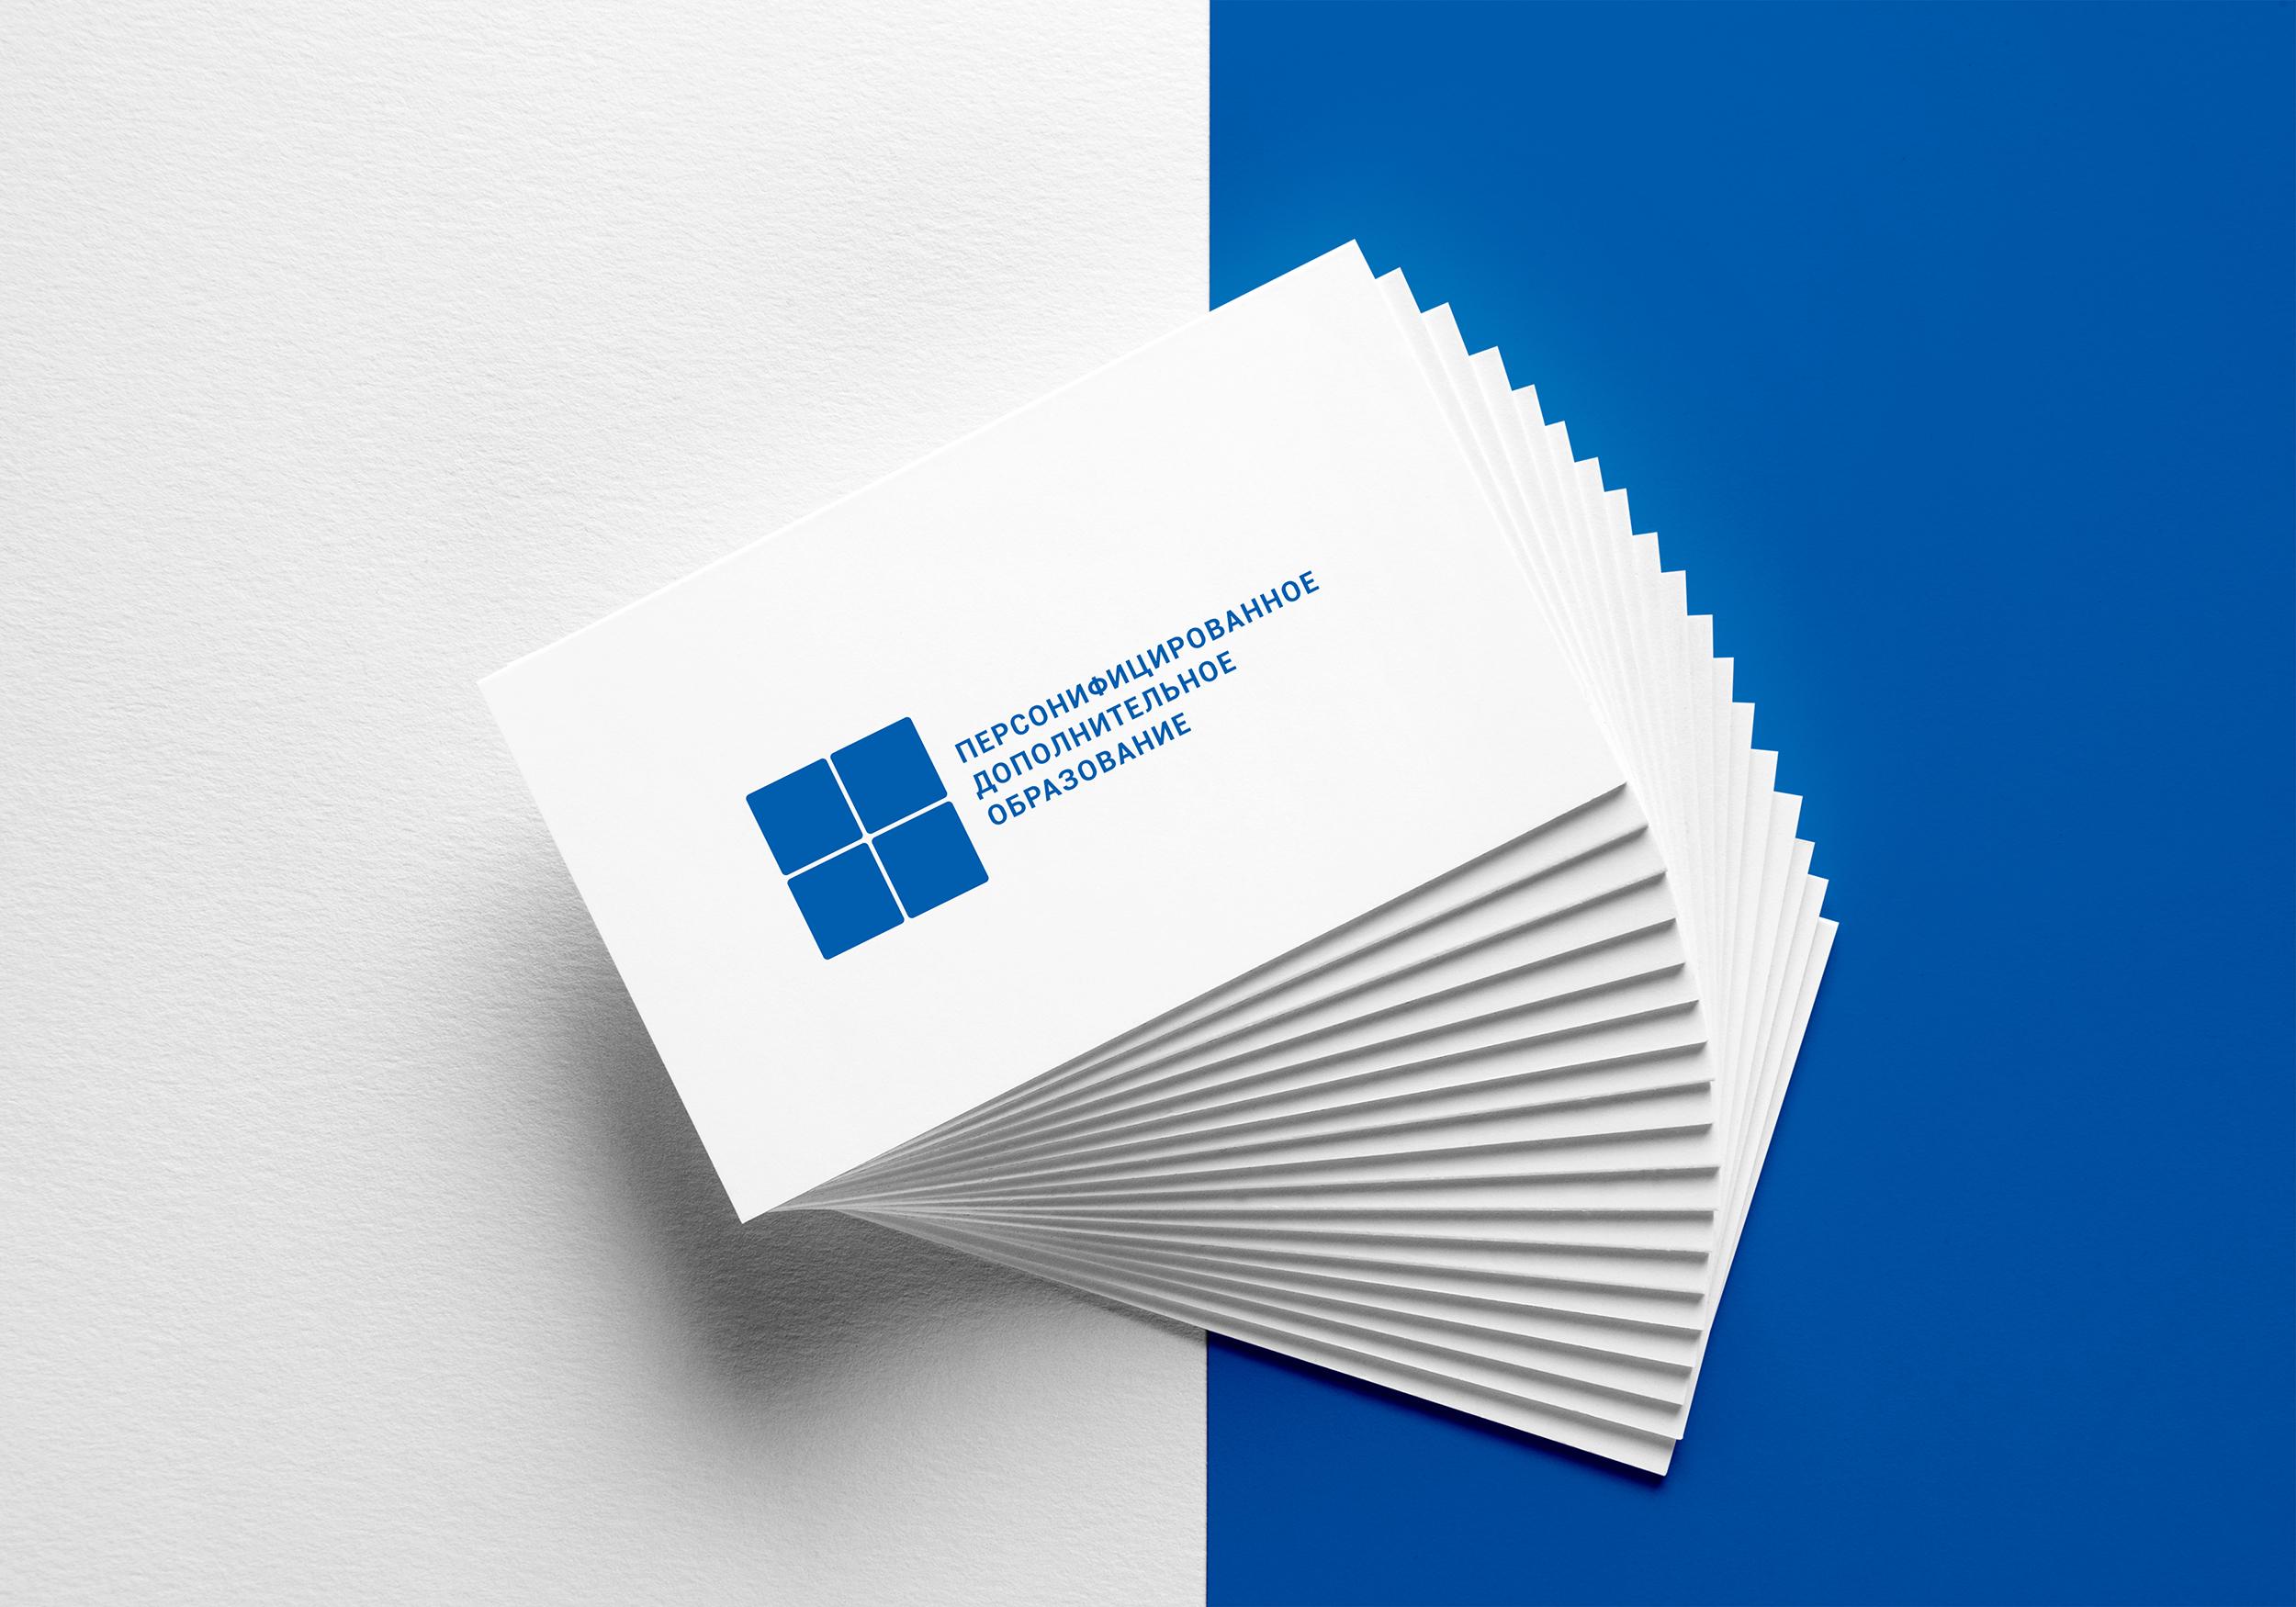 Логотип для интернет-портала фото f_8735a4475b61fcd5.jpg